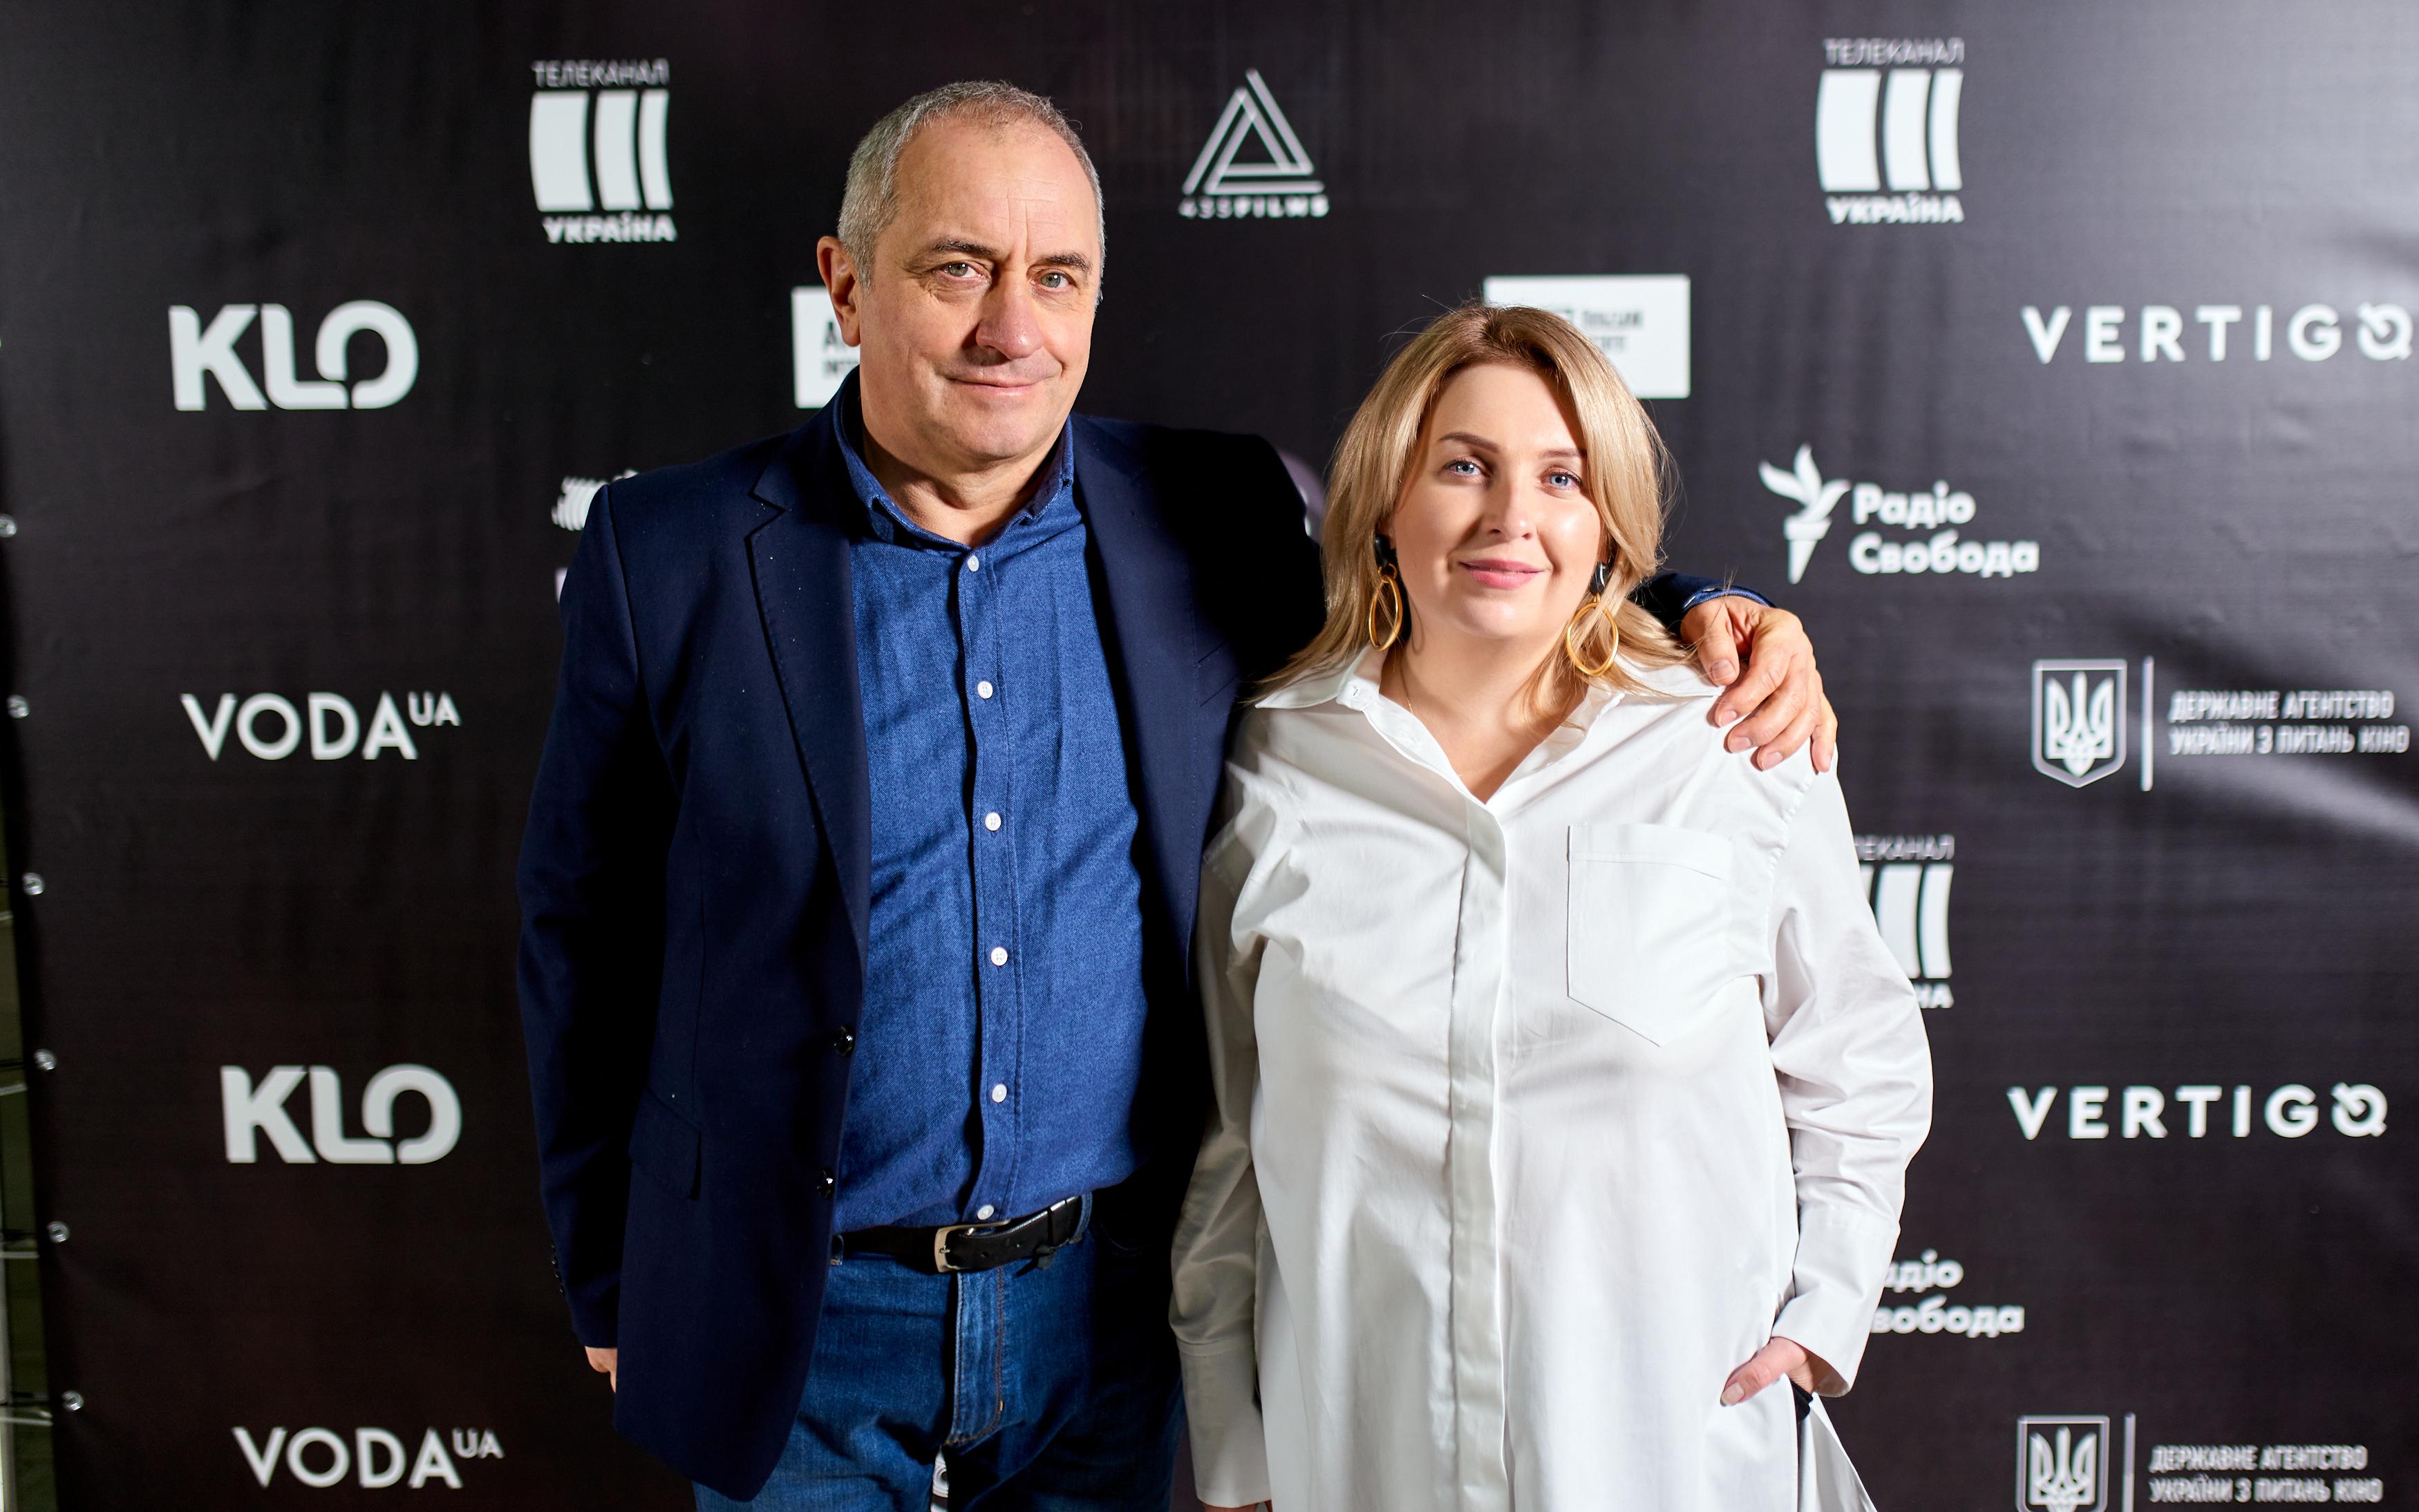 Віктор Андрієнко та Анна Паленчук